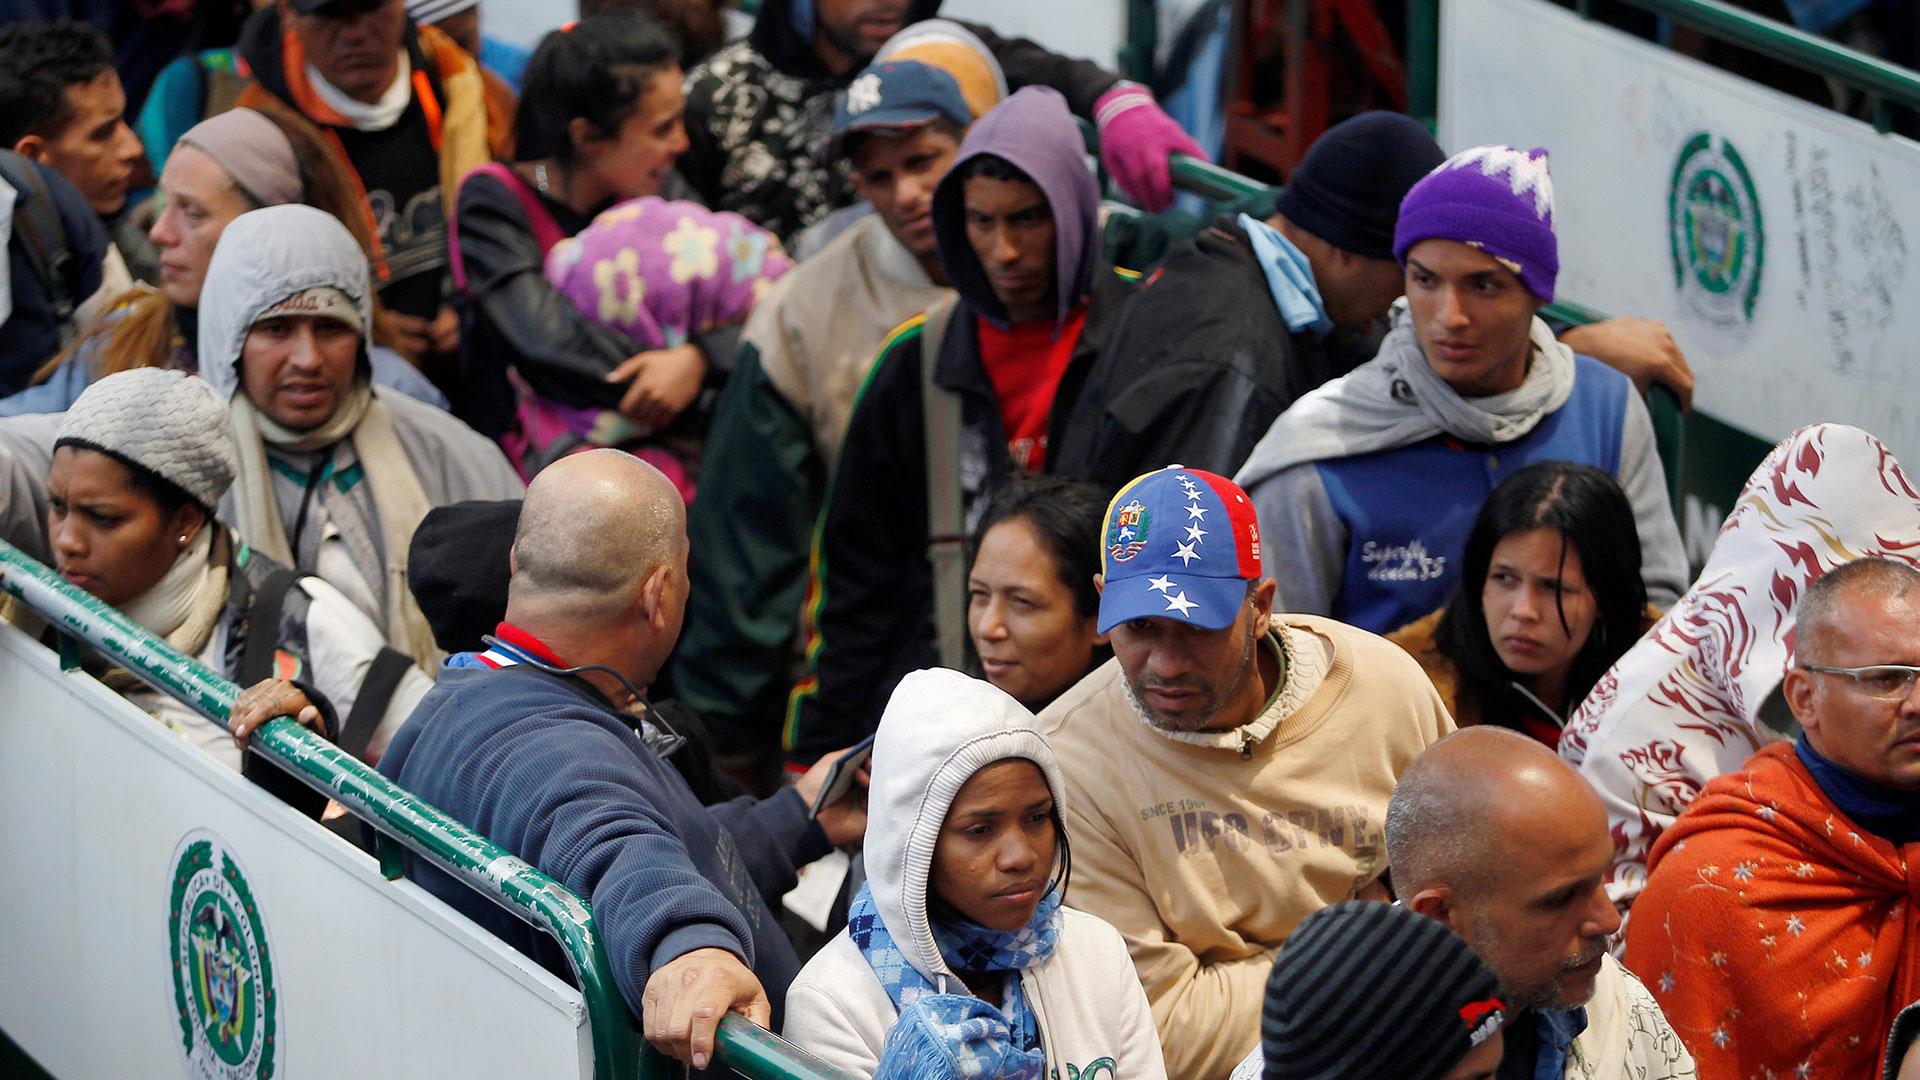 Venezolanos emigrando a Ecuador (Reuters)